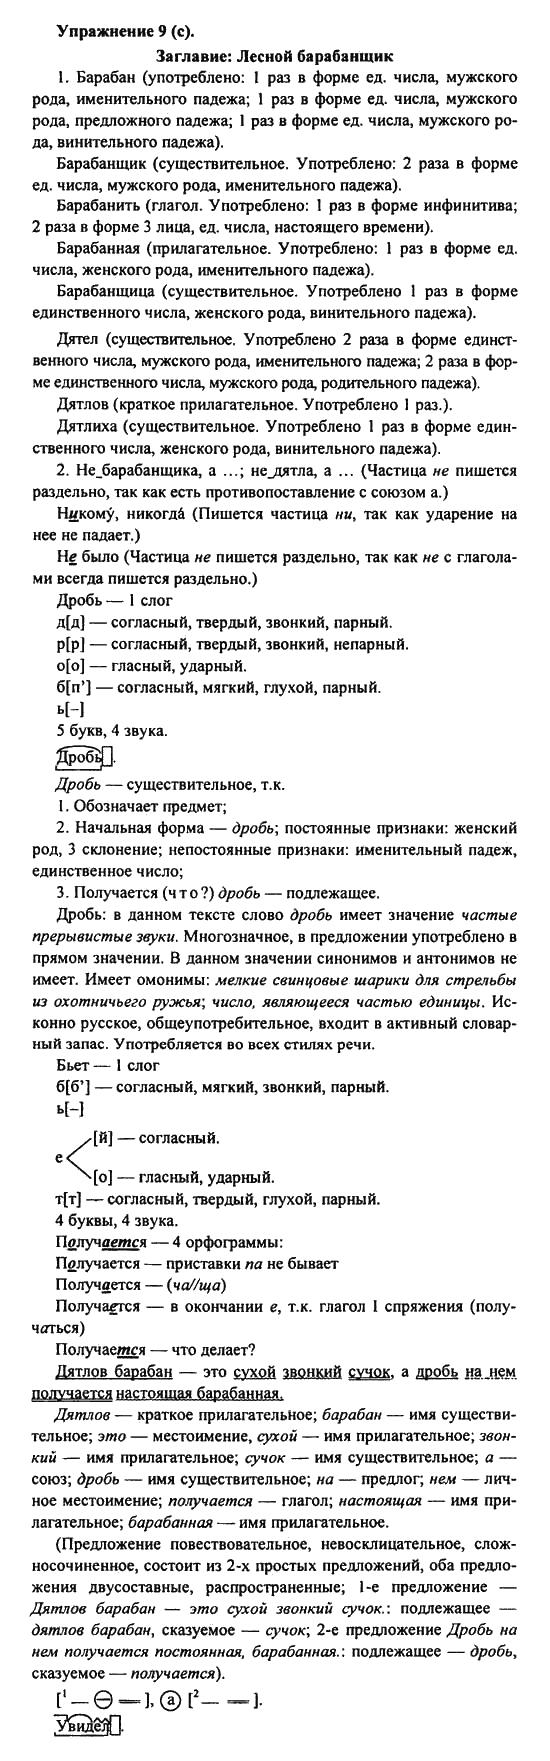 пименова решебник 9 по языку русскому класс